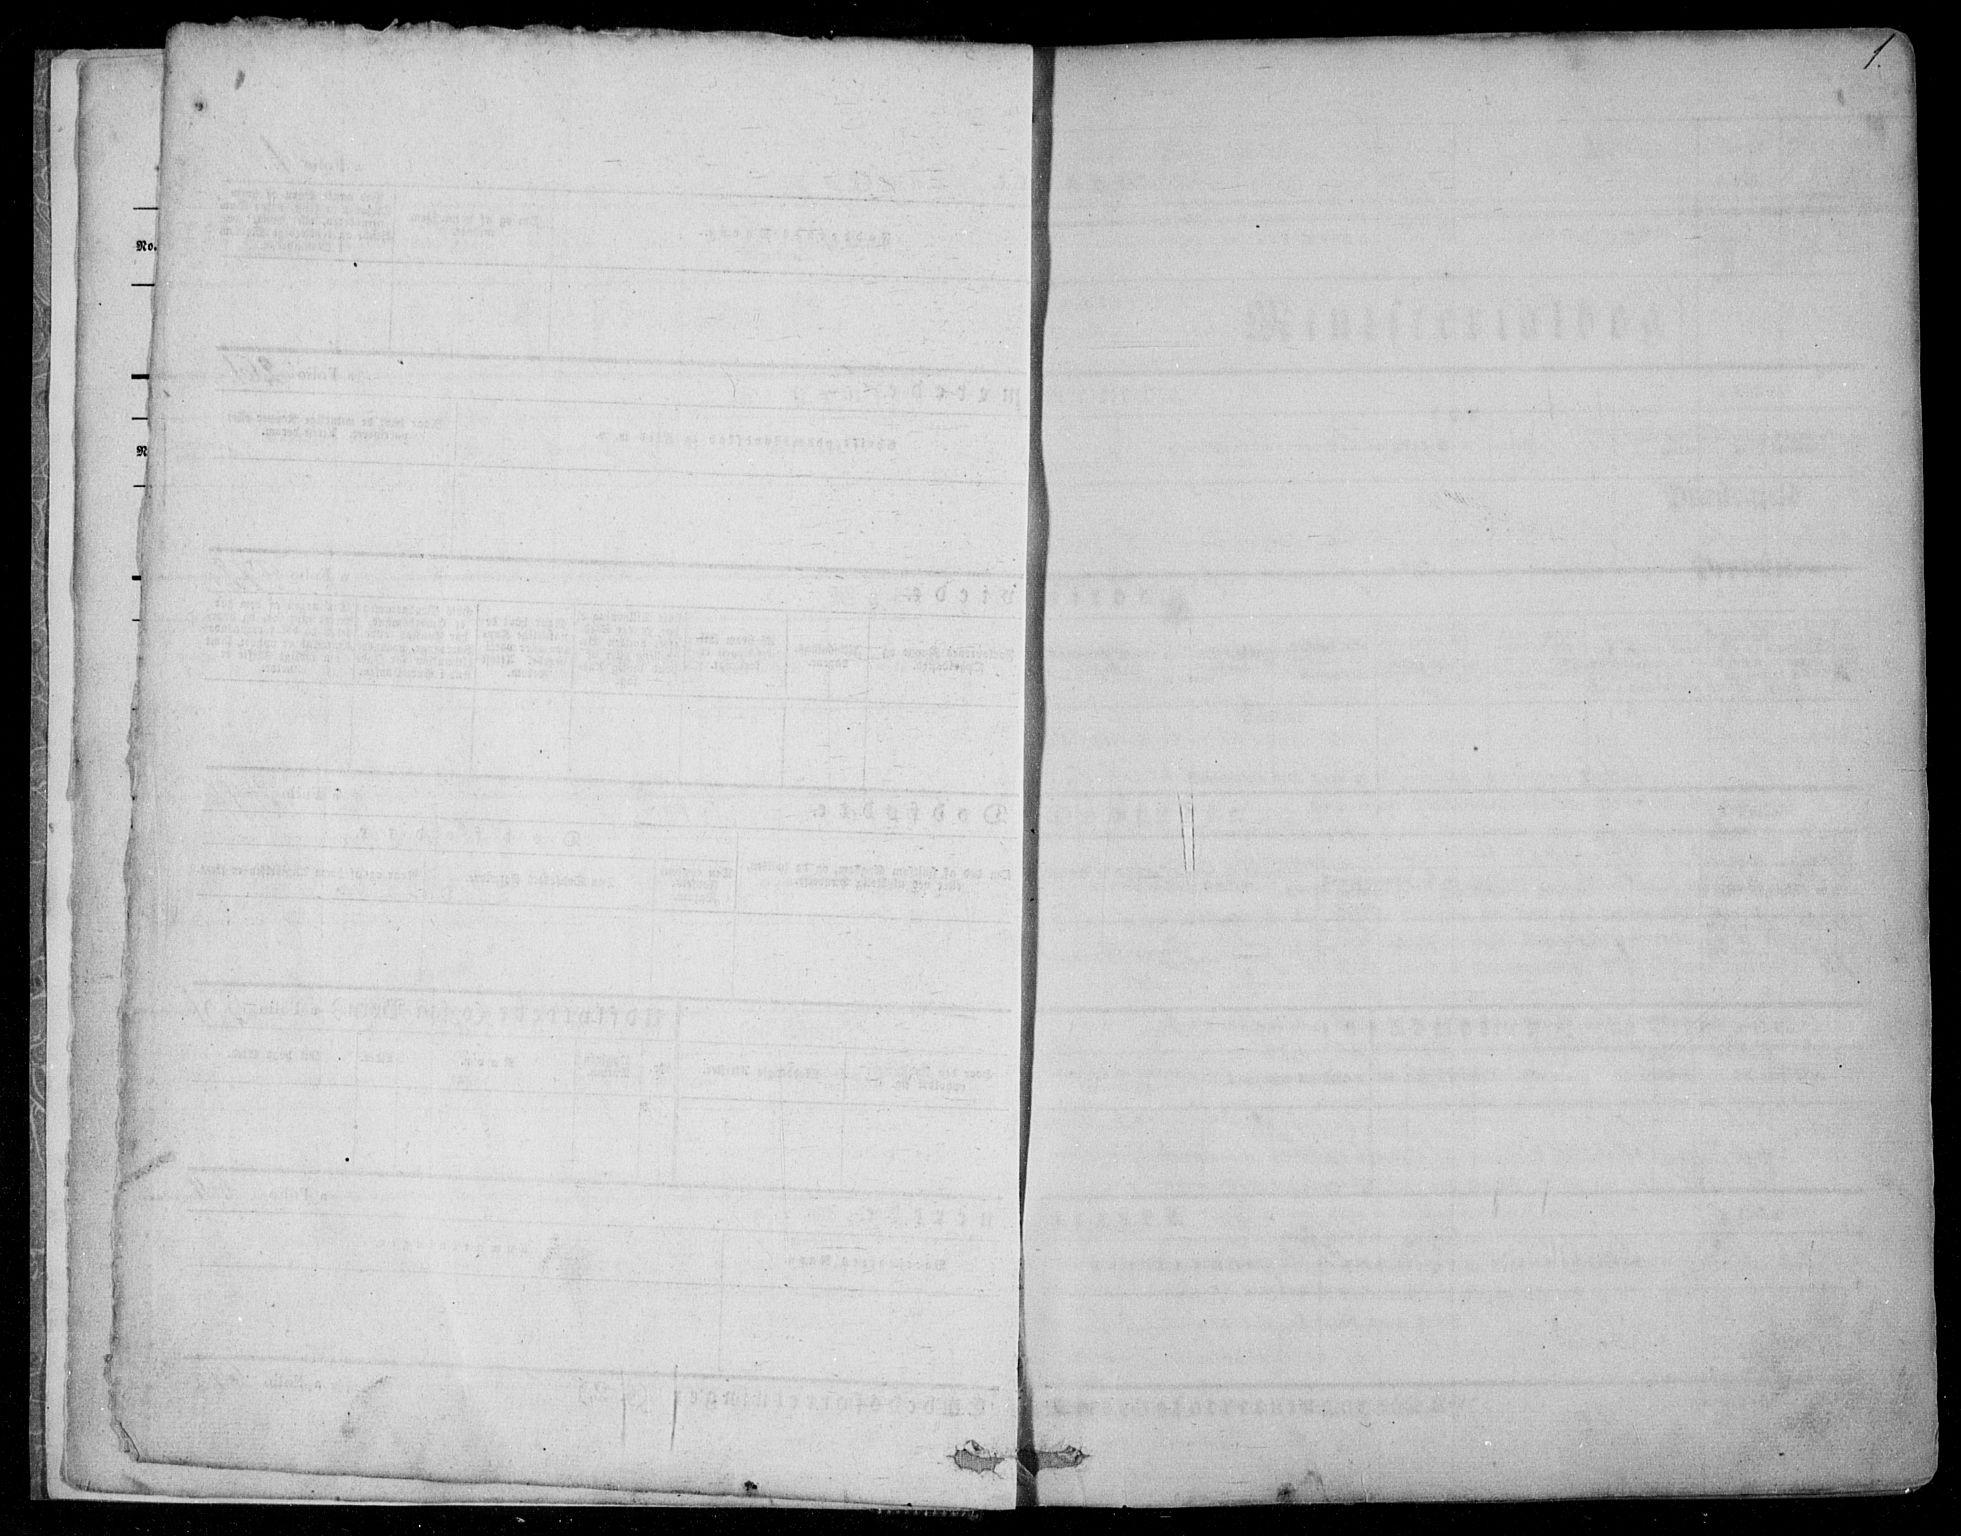 SAKO, Kviteseid kirkebøker, F/Fa/L0006: Ministerialbok nr. I 6, 1836-1858, s. 1